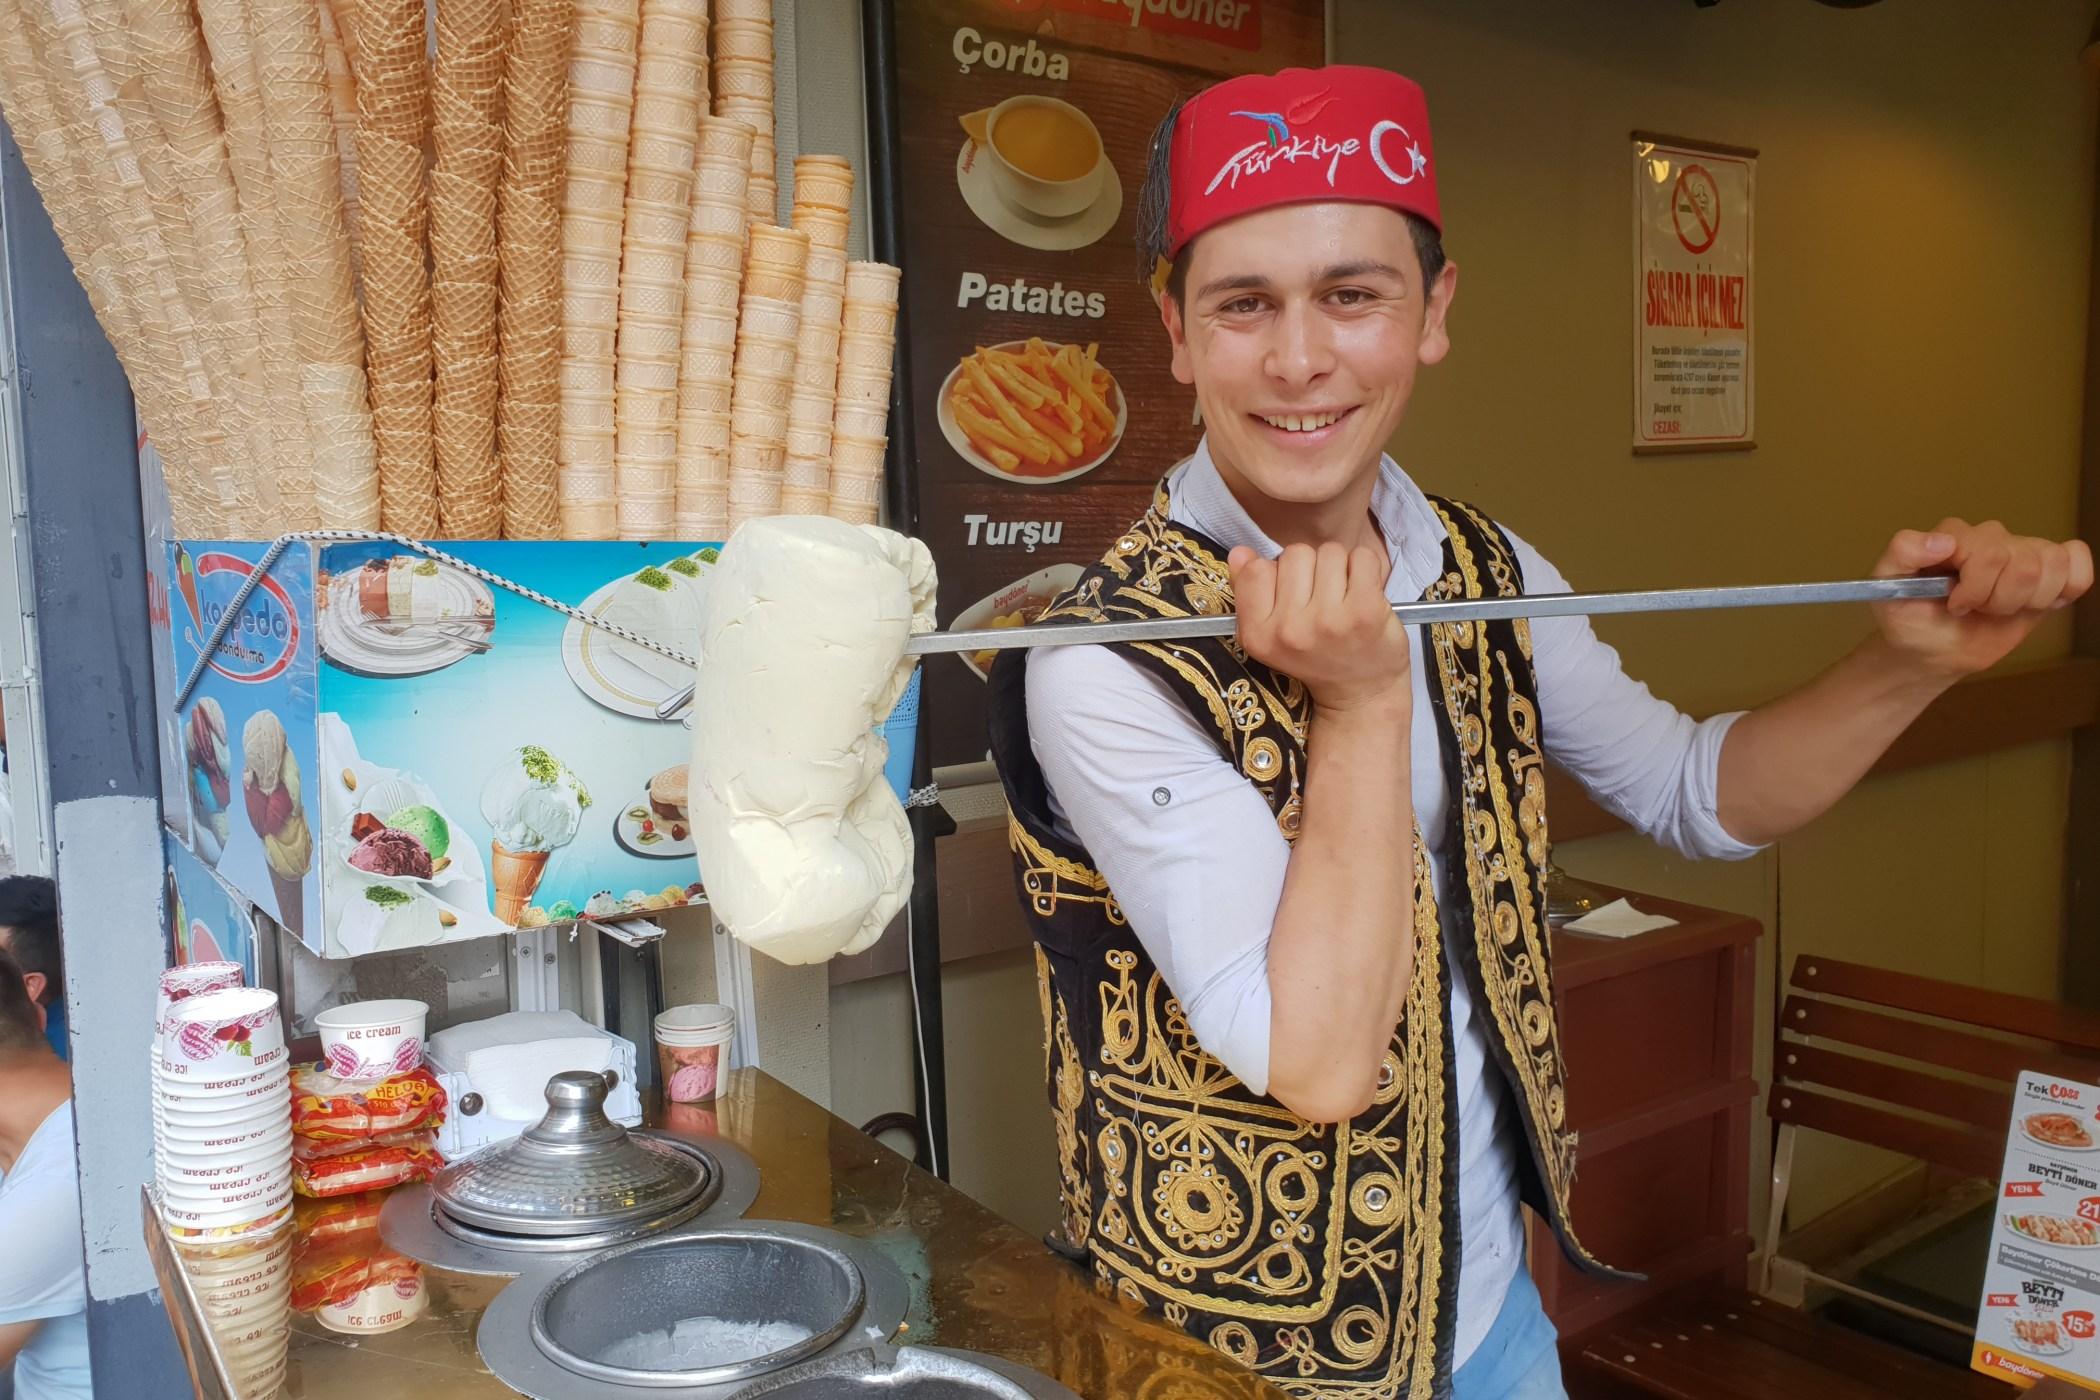 """""""Musím zmrzlinu pořád hníst, aby byla zmrzlina pořád vláčná a nesrazila se,"""" ukazuje zmrzlinář Muhamet. S jeho zmrzlinou si jen lžičkou neporadíte.."""